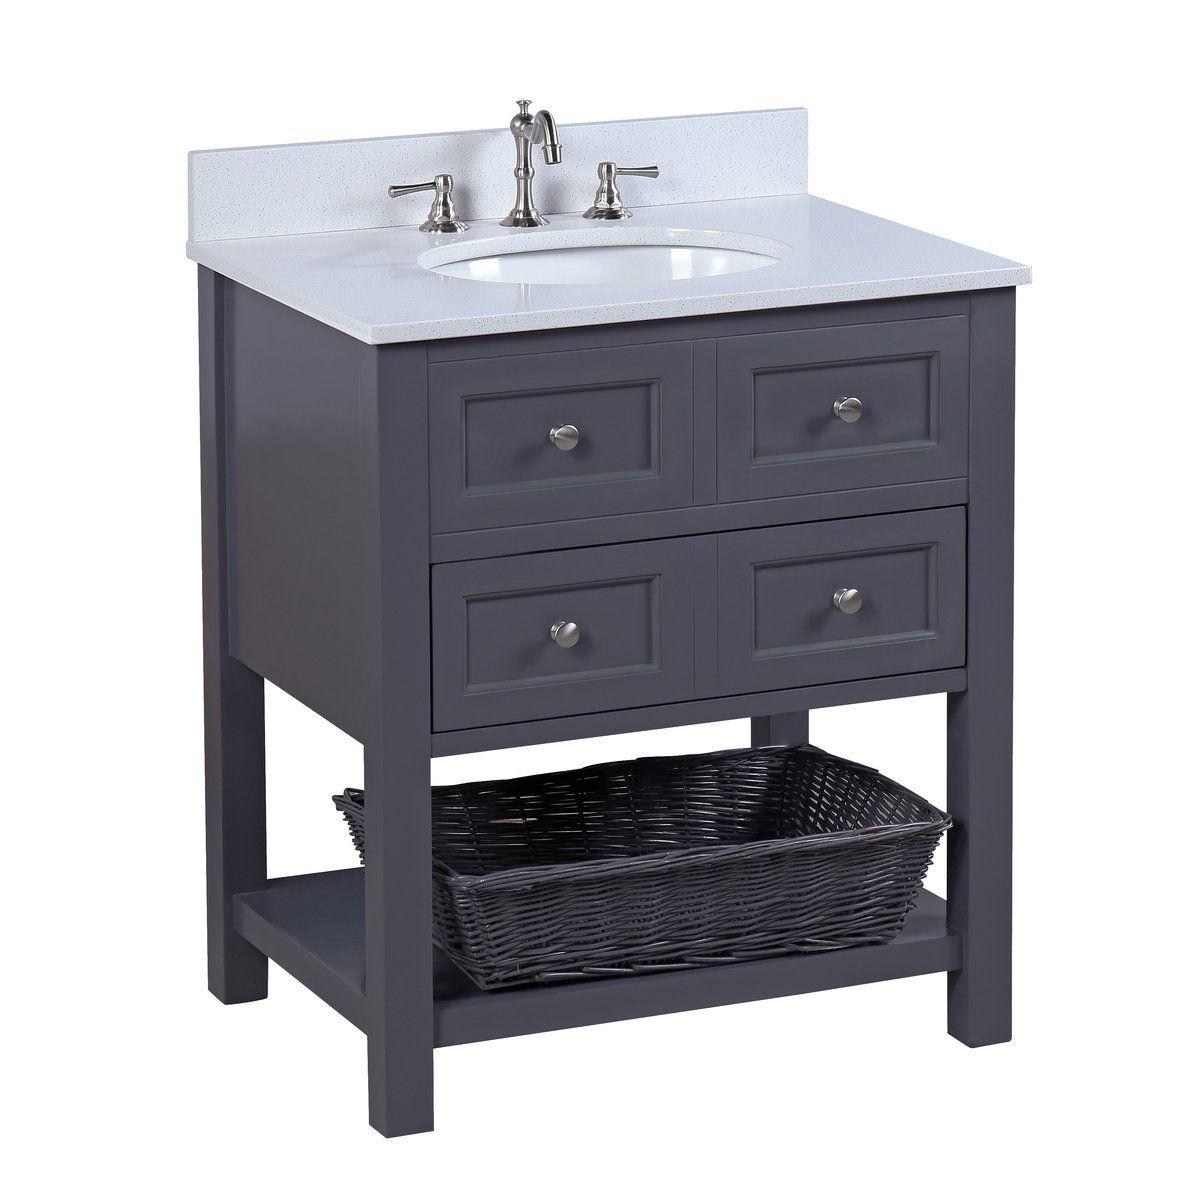 New Yorker 30 Inch Vanity With Quartz Top In 2021 30 Inch Bathroom Vanity Single Bathroom Vanity Bathroom Vanity [ 1200 x 1200 Pixel ]